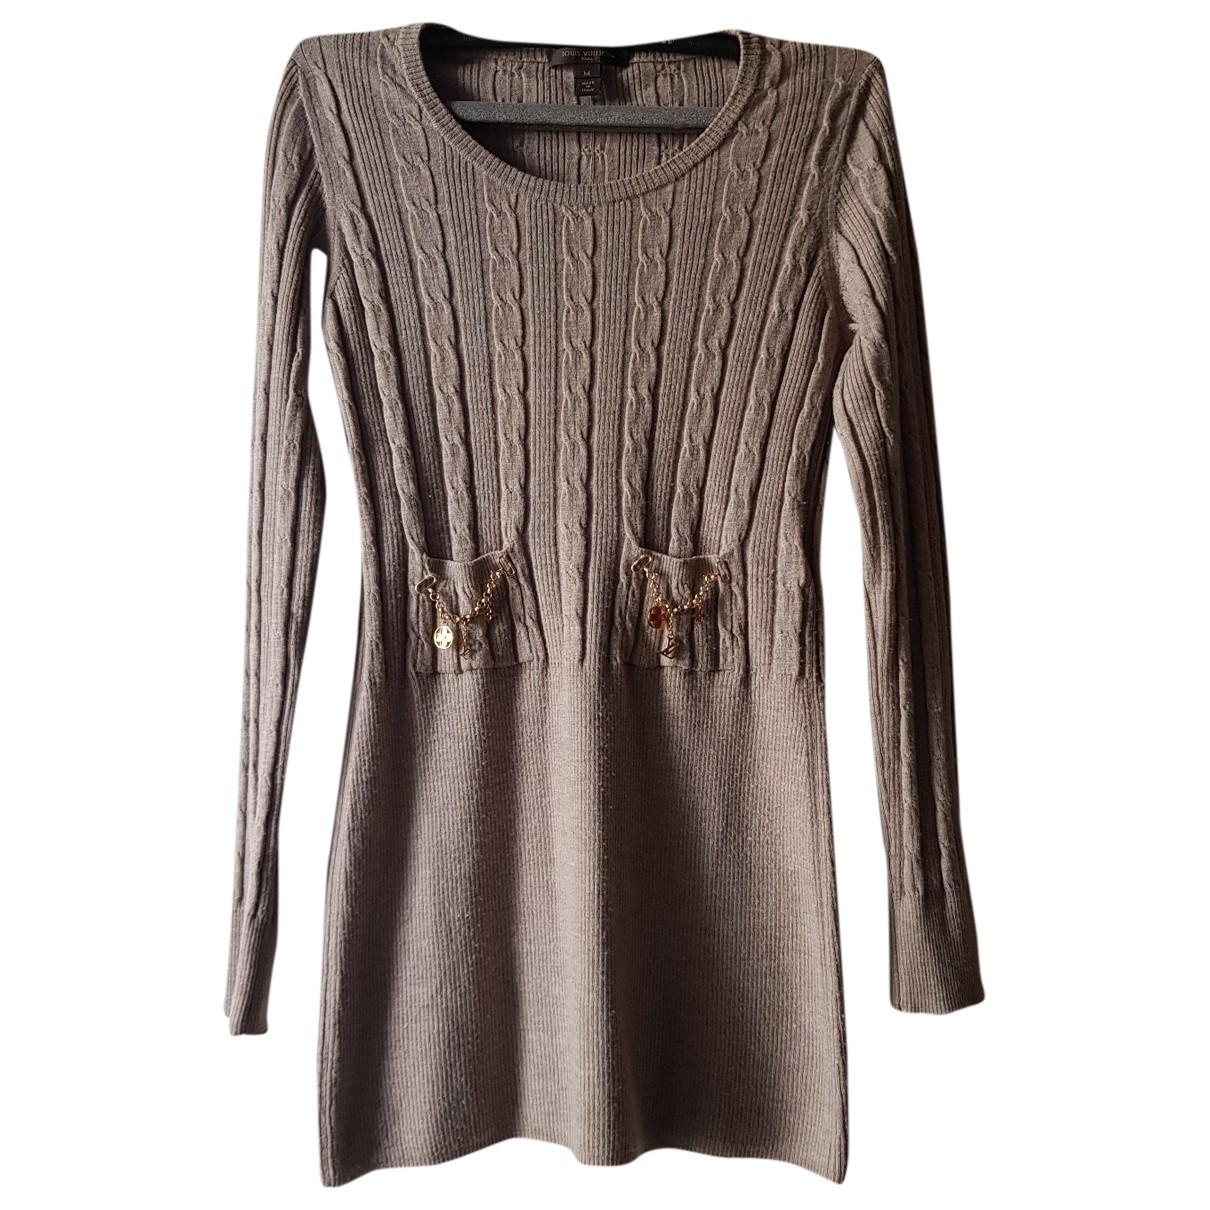 Louis Vuitton \N Beige Wool Knitwear for Women M International